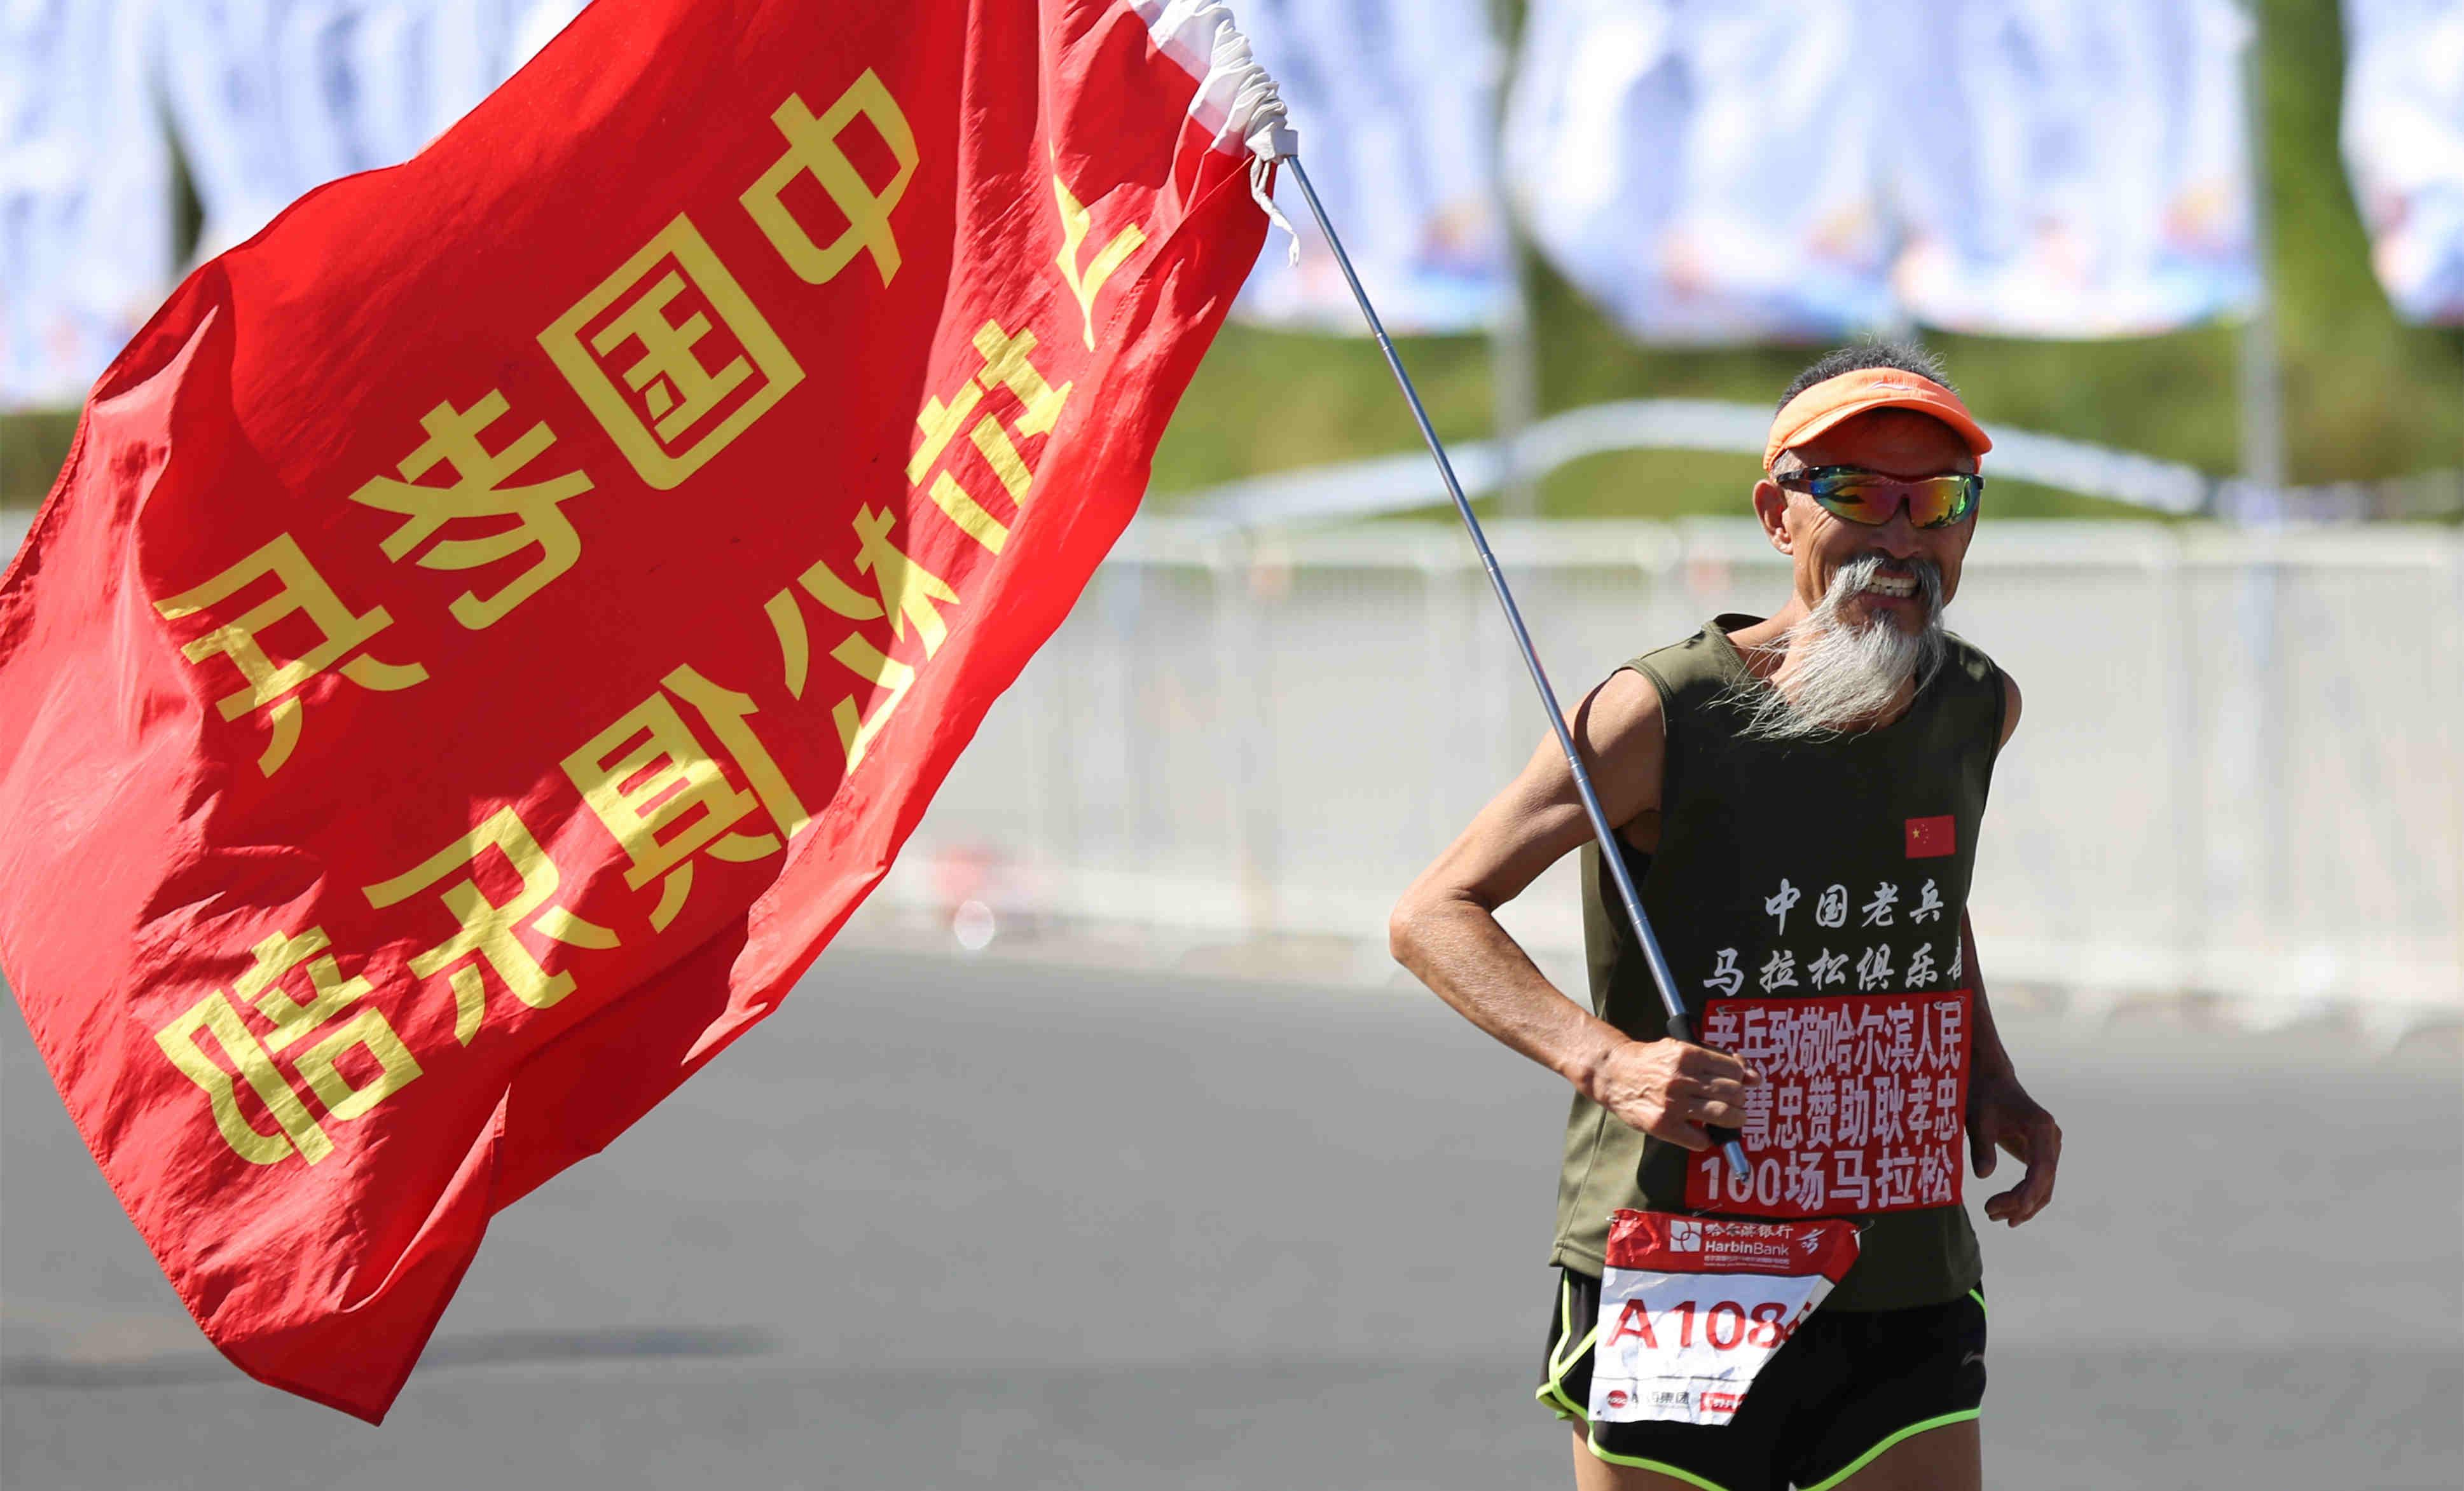 老當益壯!中國老兵的跑馬人生——鏡頭下的中國馬拉松